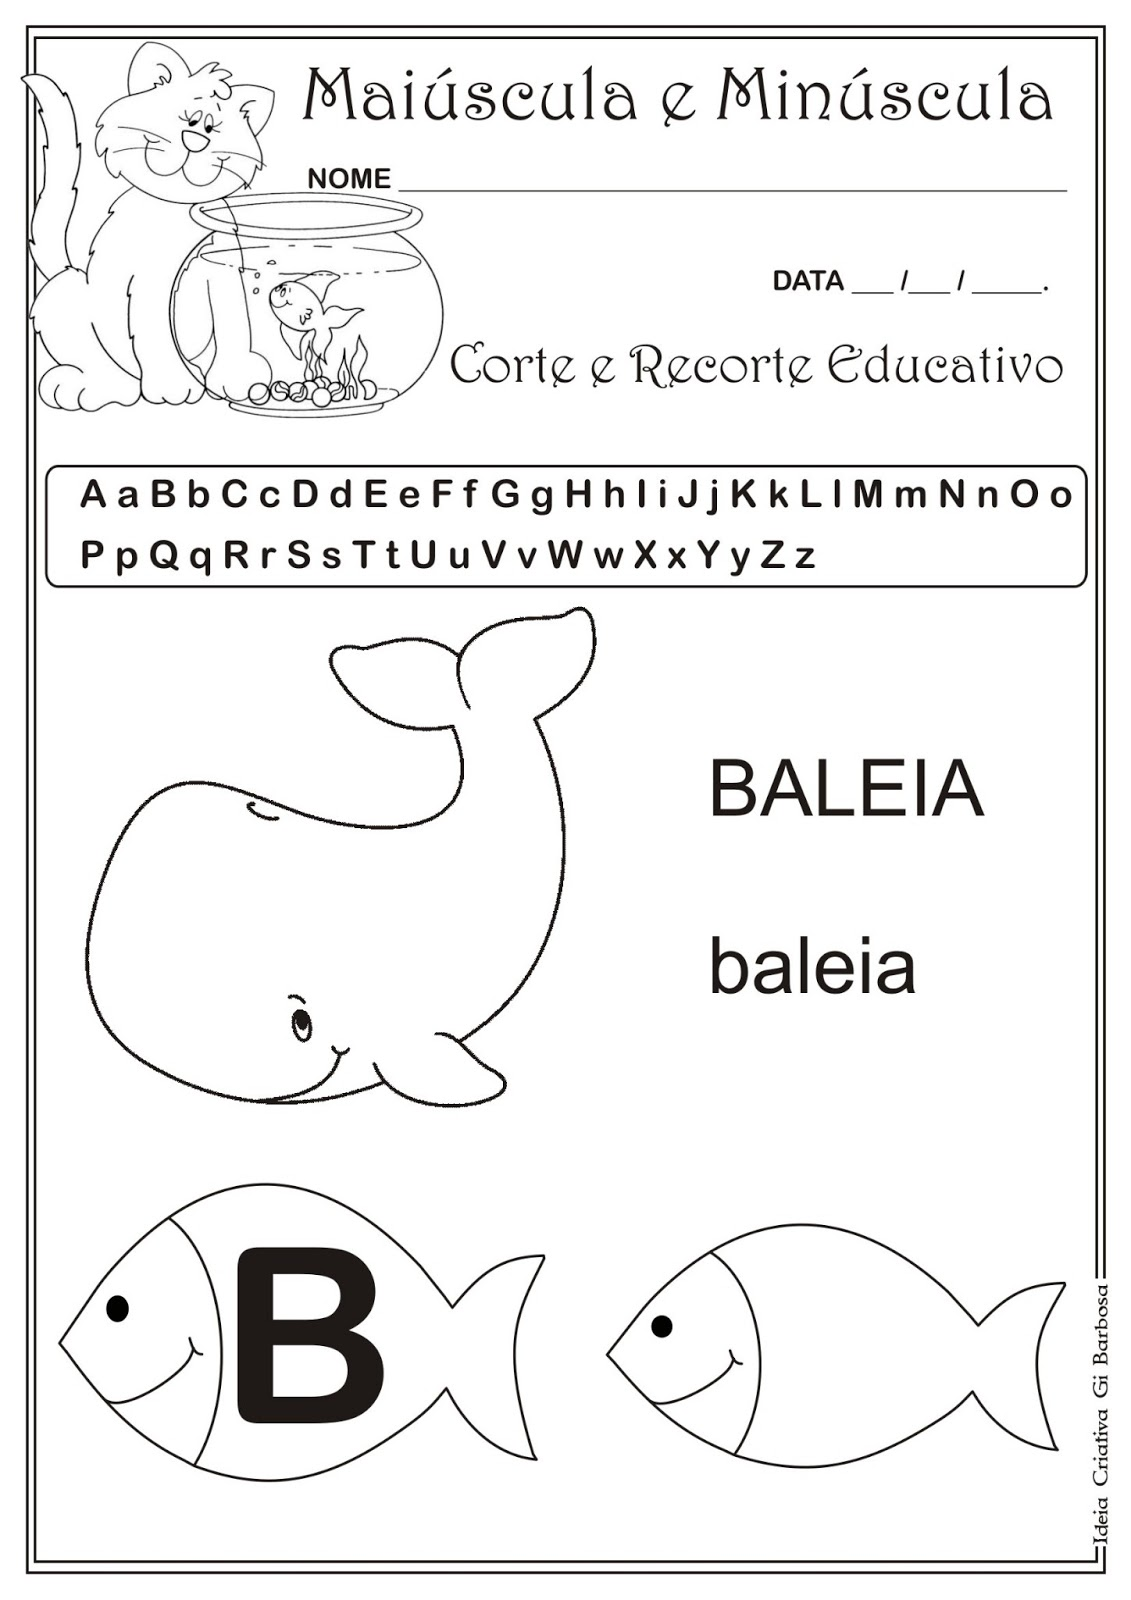 Caderno De Atividades Grátis Para Imprimir Corte E Recorte Educativo